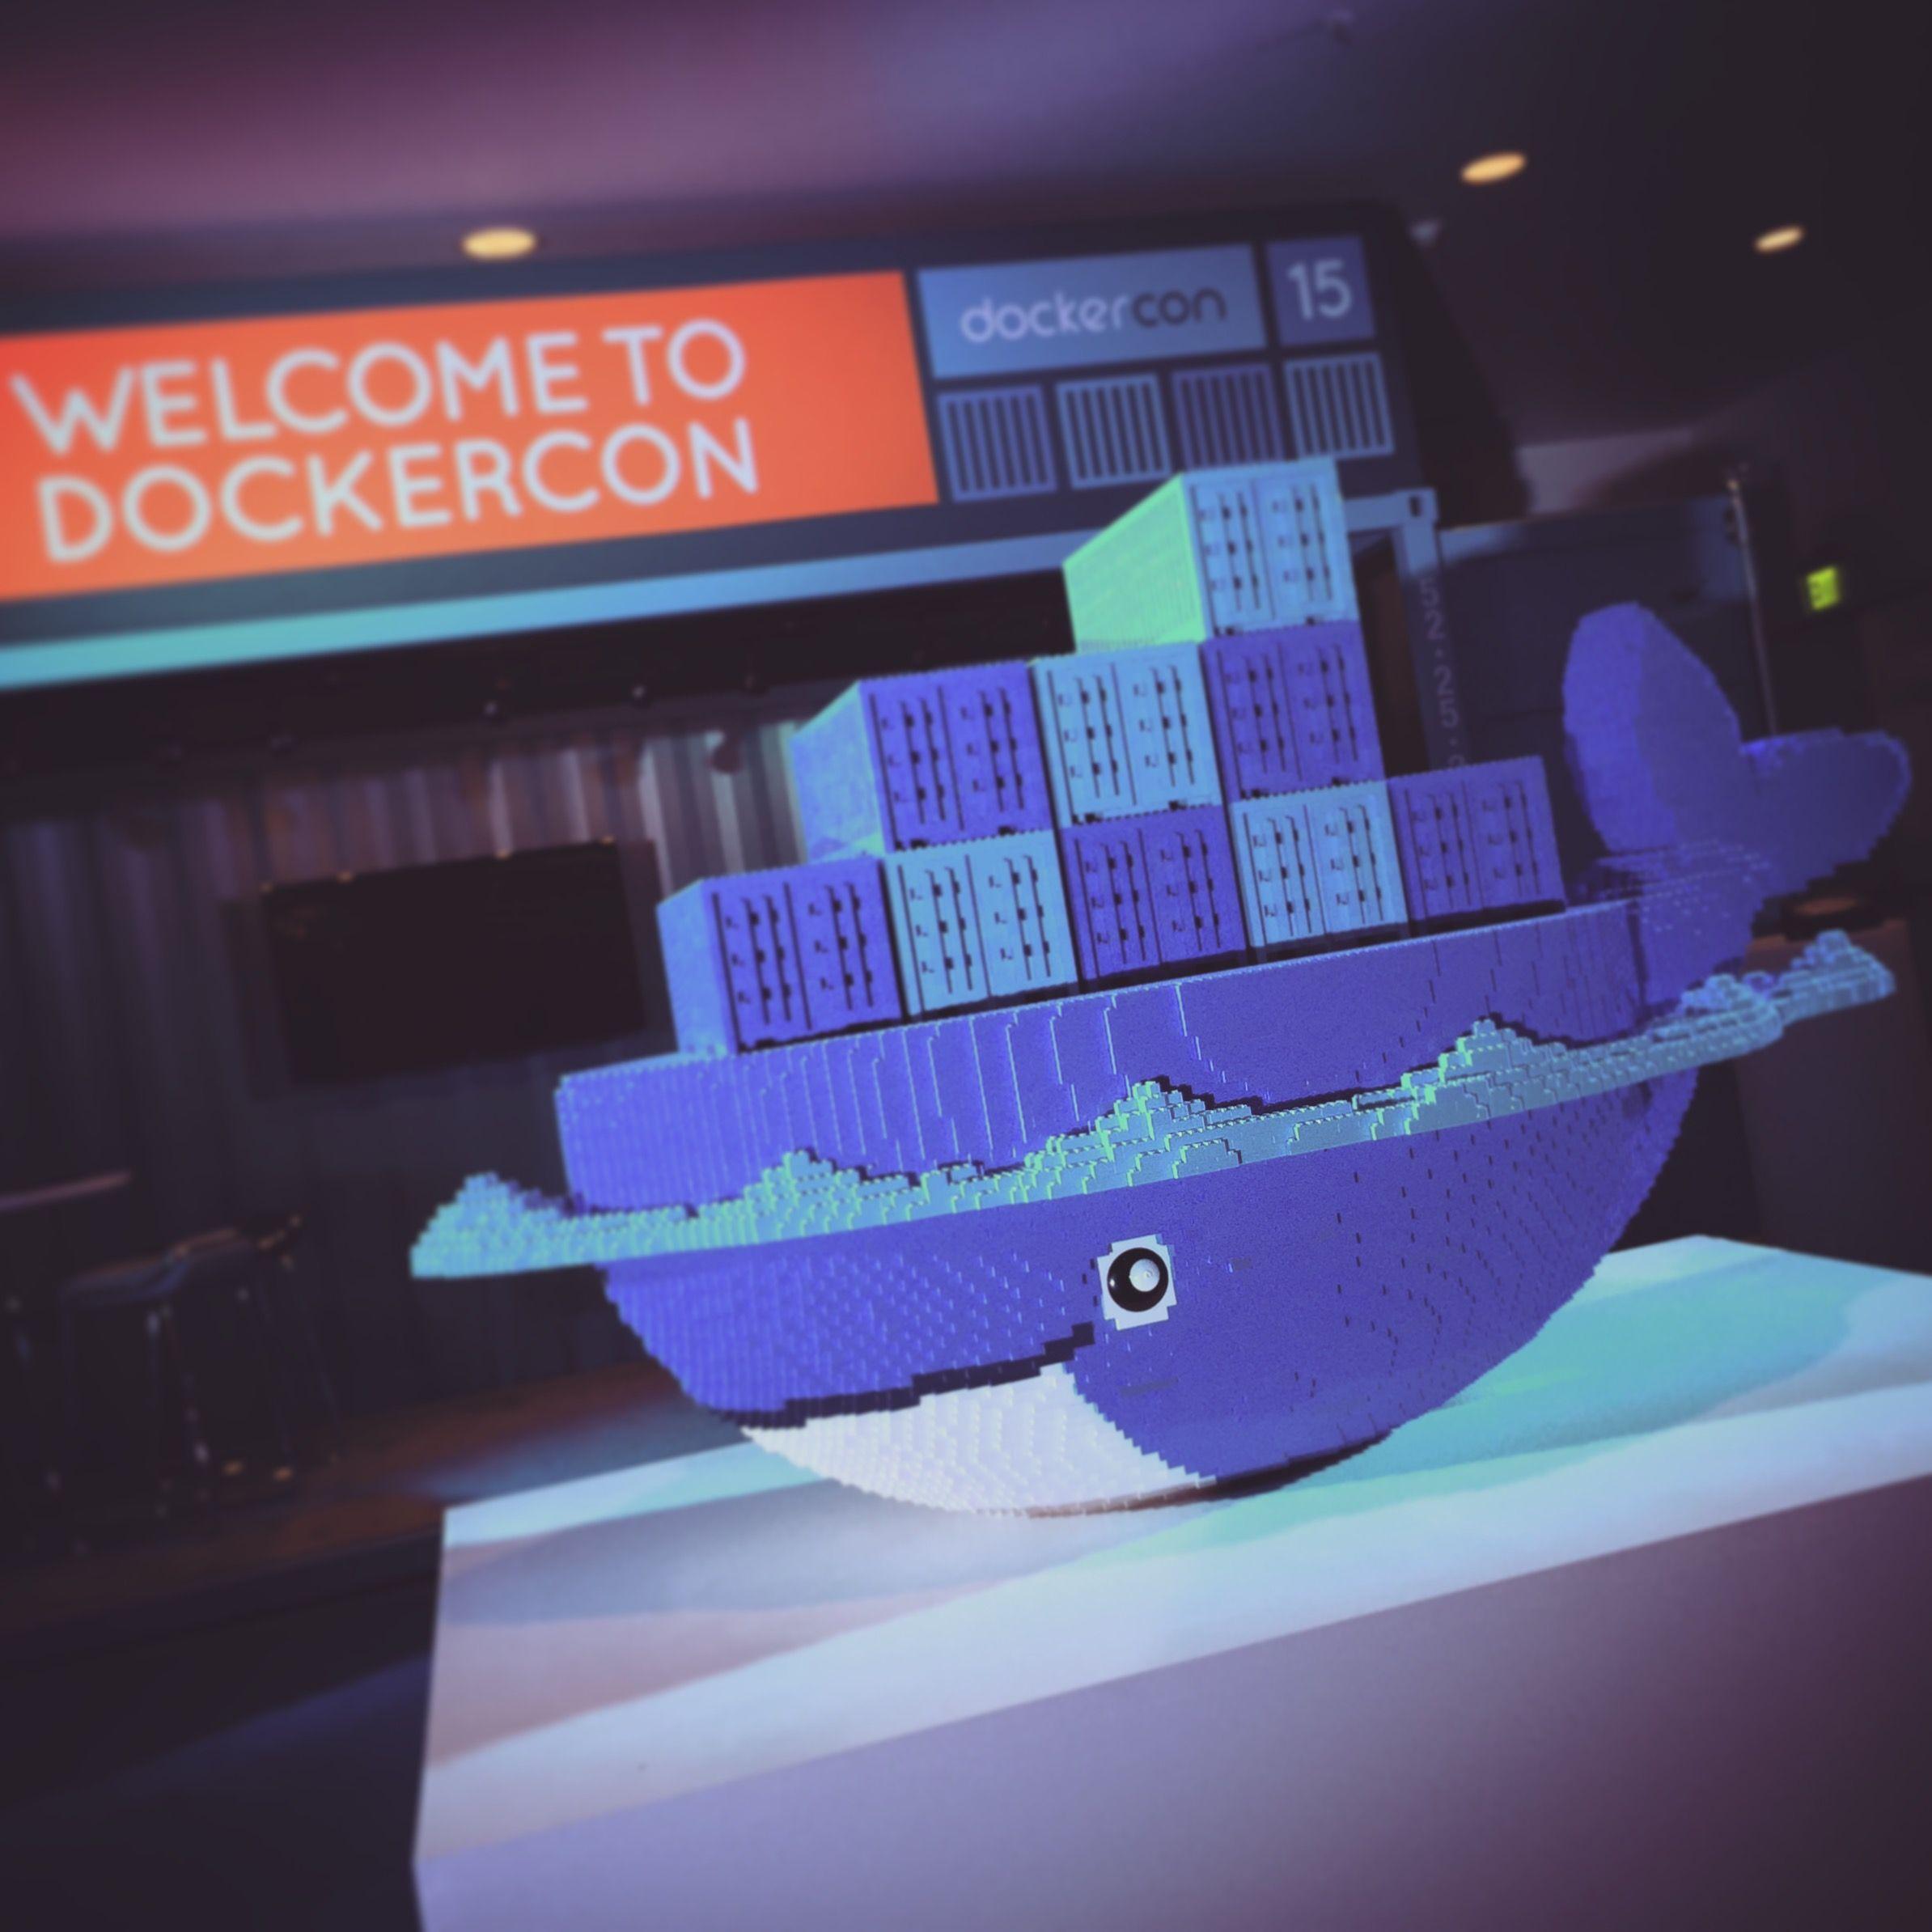 Docker DockerCon Lego Whale Docker